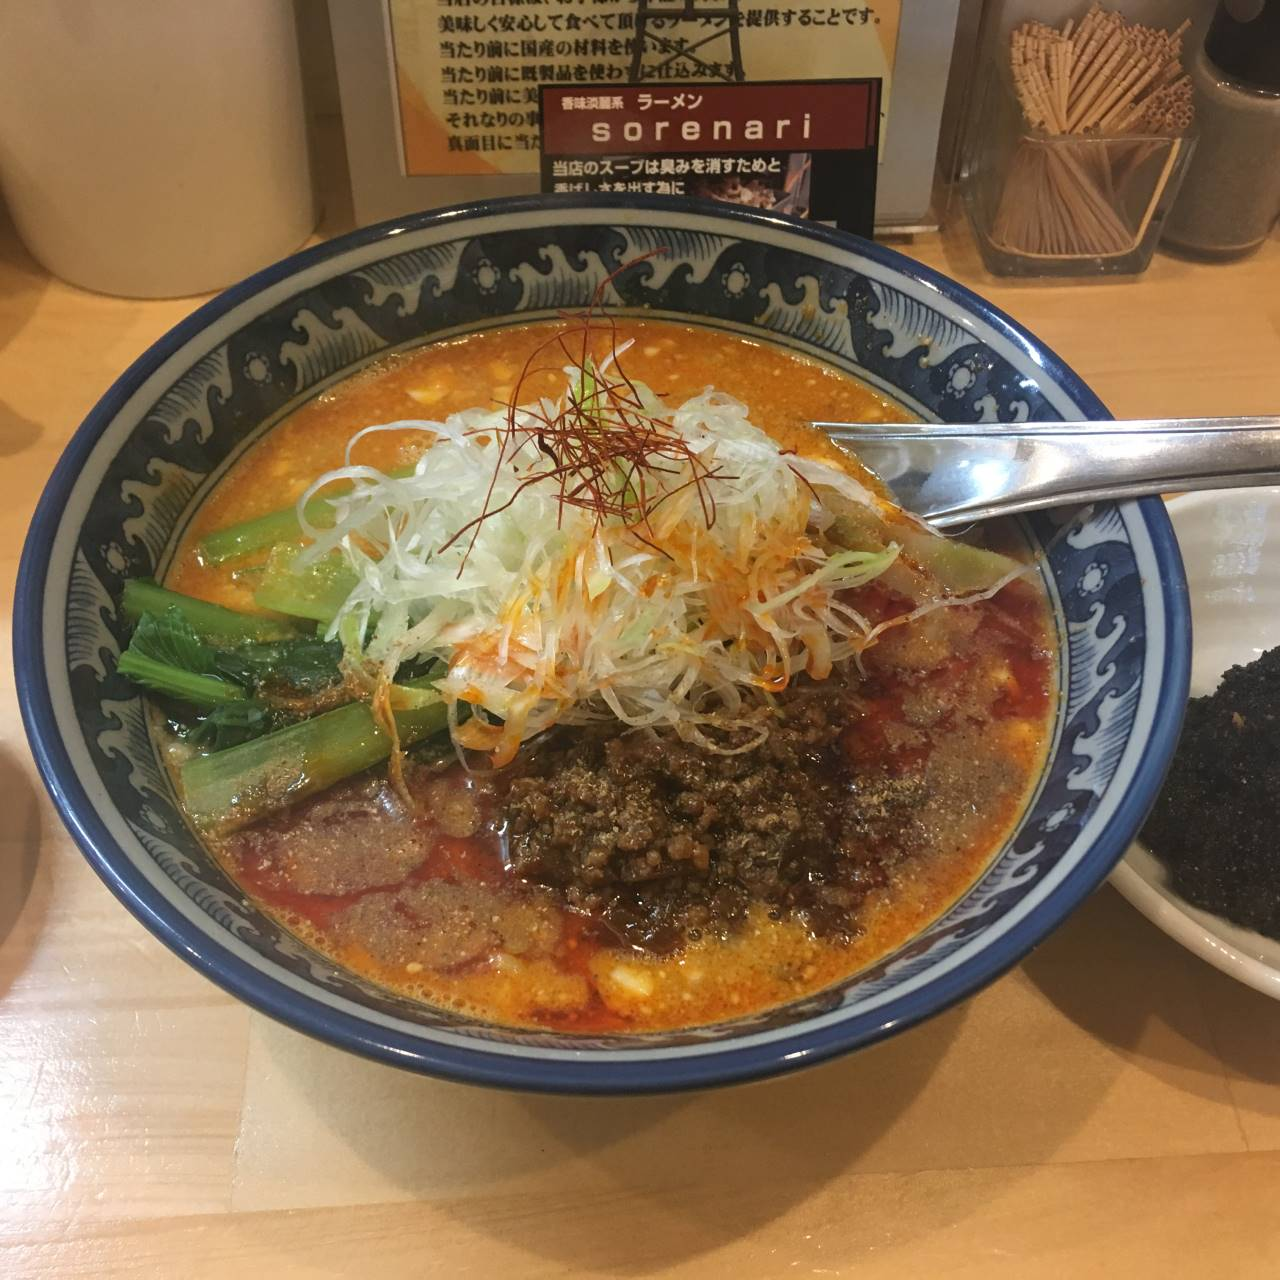 白と黒の担々麺(四川担々麺) らーめんSORENARI